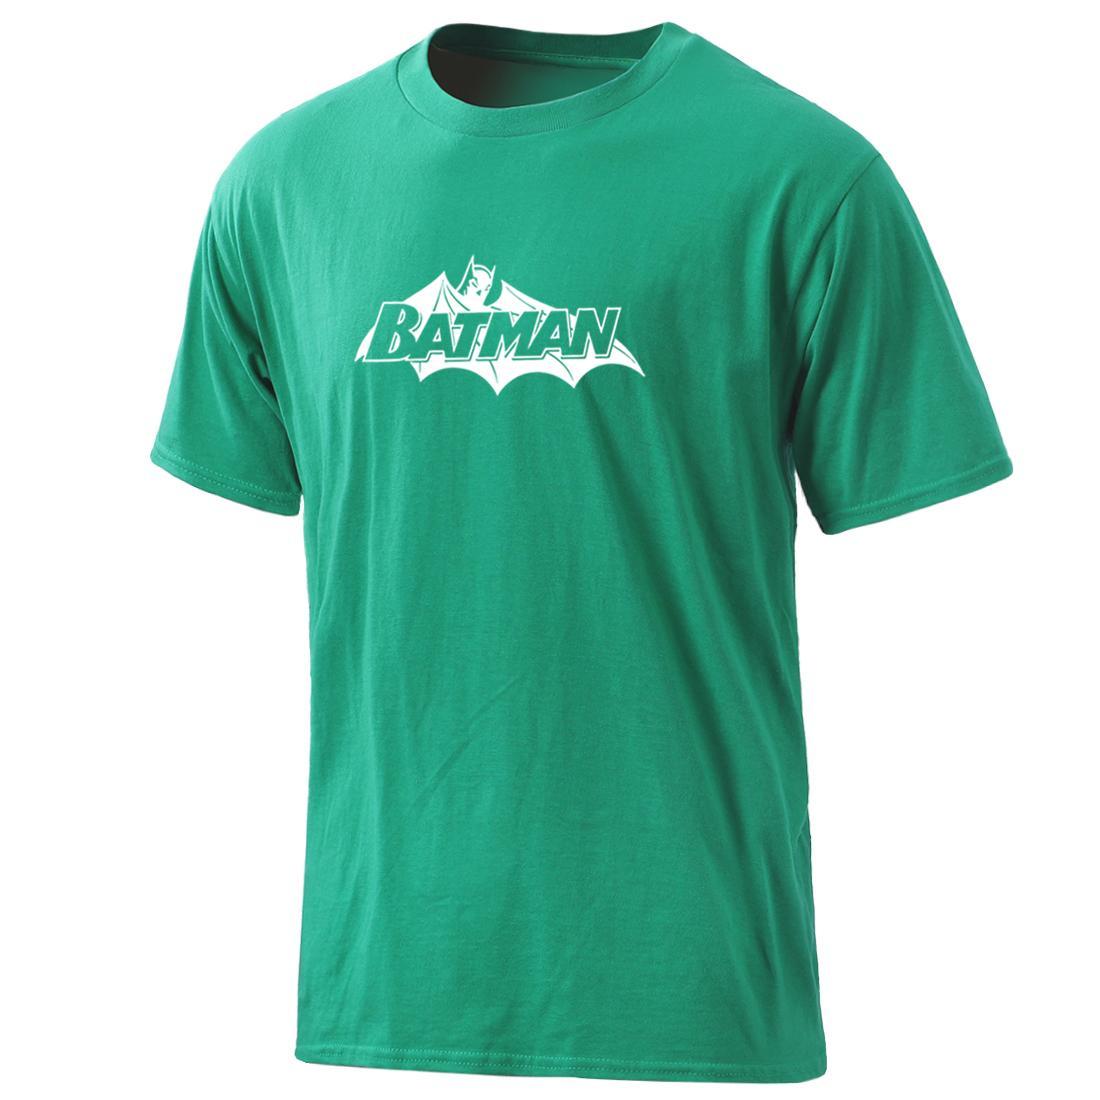 Mens Super Hero Hip Hop aus 100% Baumwoll-T-Shirts 2020 Kurzschluss-Hülse Freizeit Bekleidung Sommer Tops O-Ansatz Freizeit männlich Gelegenheits Homme